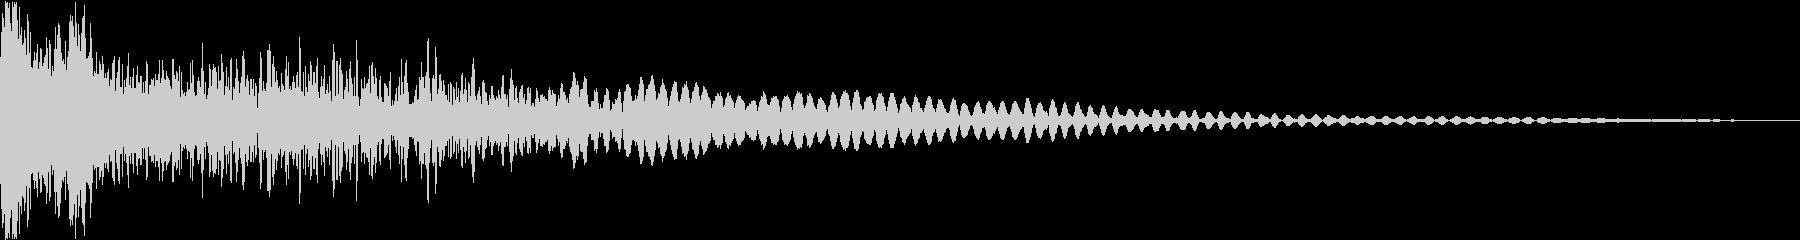 ロボット 合体 ガシーン キュイン 26の未再生の波形